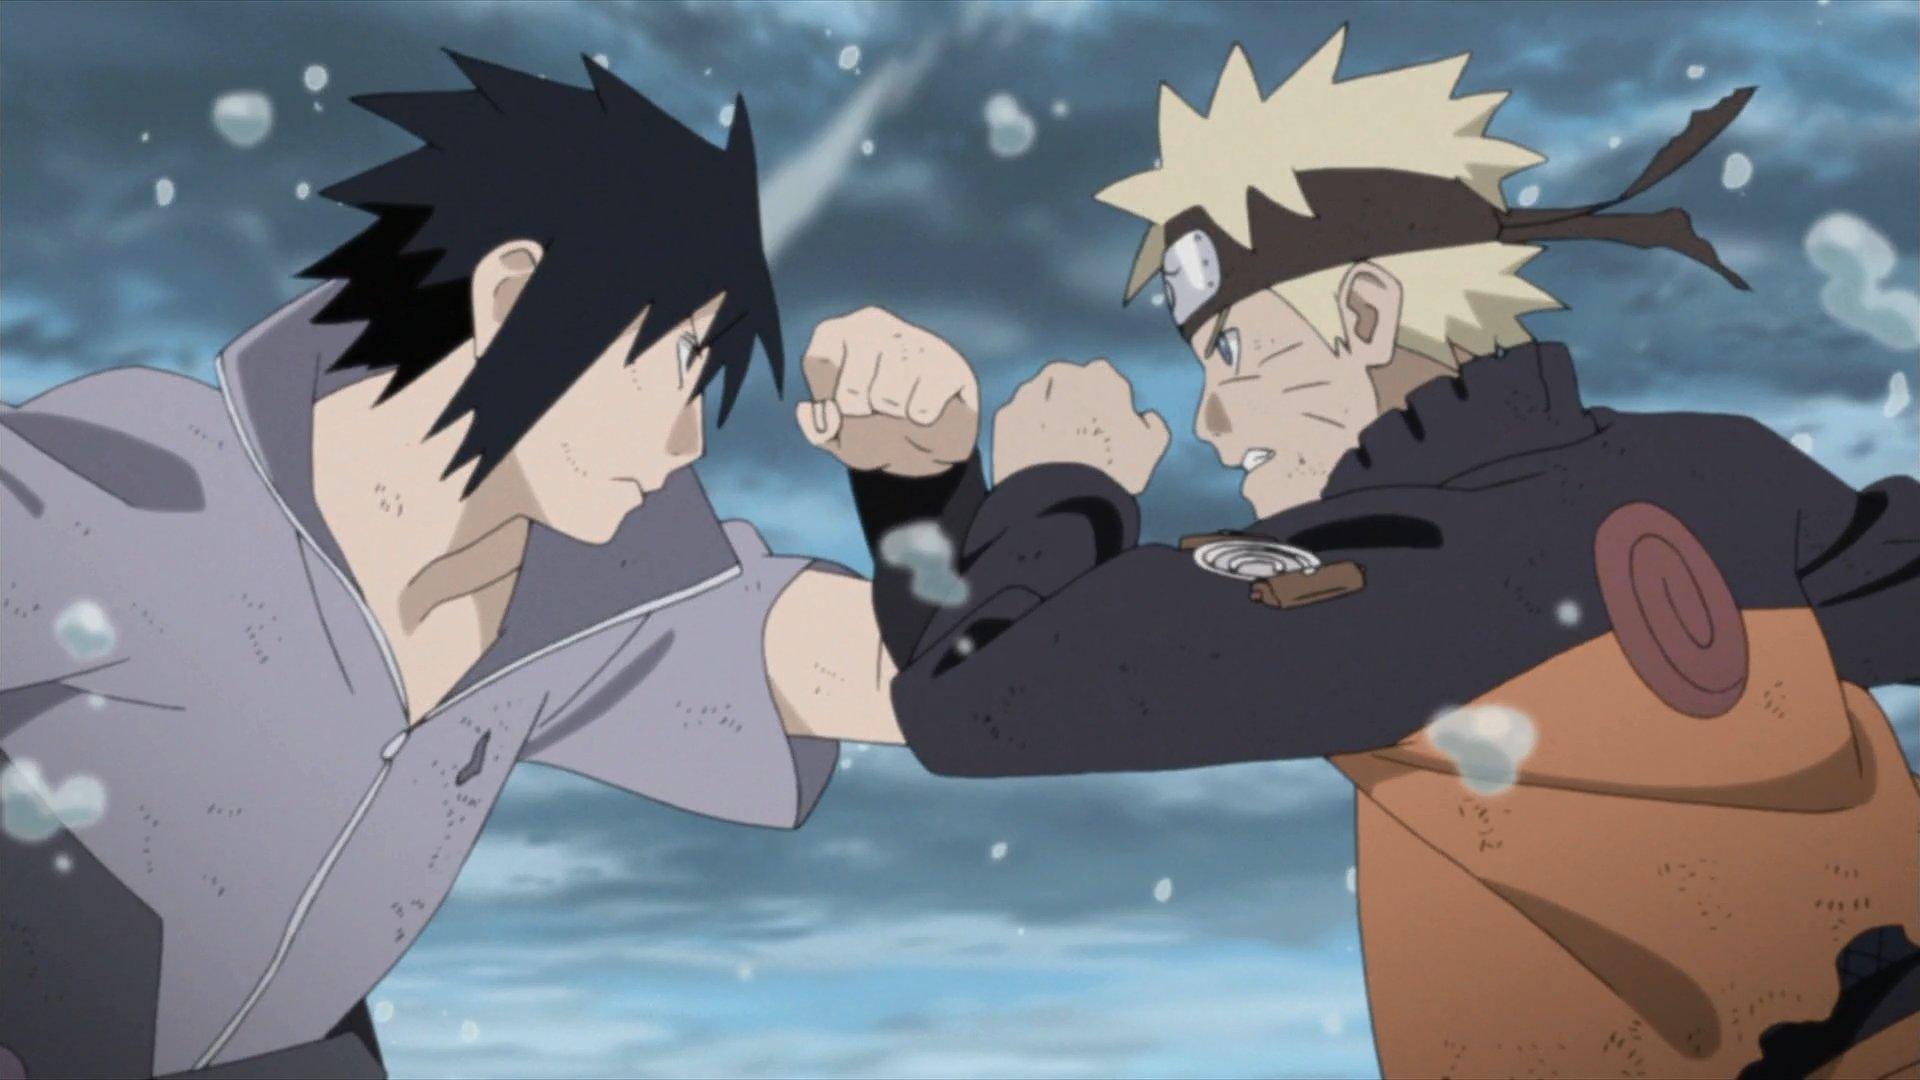 O sonho de Naruto de se tornar o Hokage, atrai uma quantidade grande de potenciais rivais que produzem das melhores batalhas do anime.